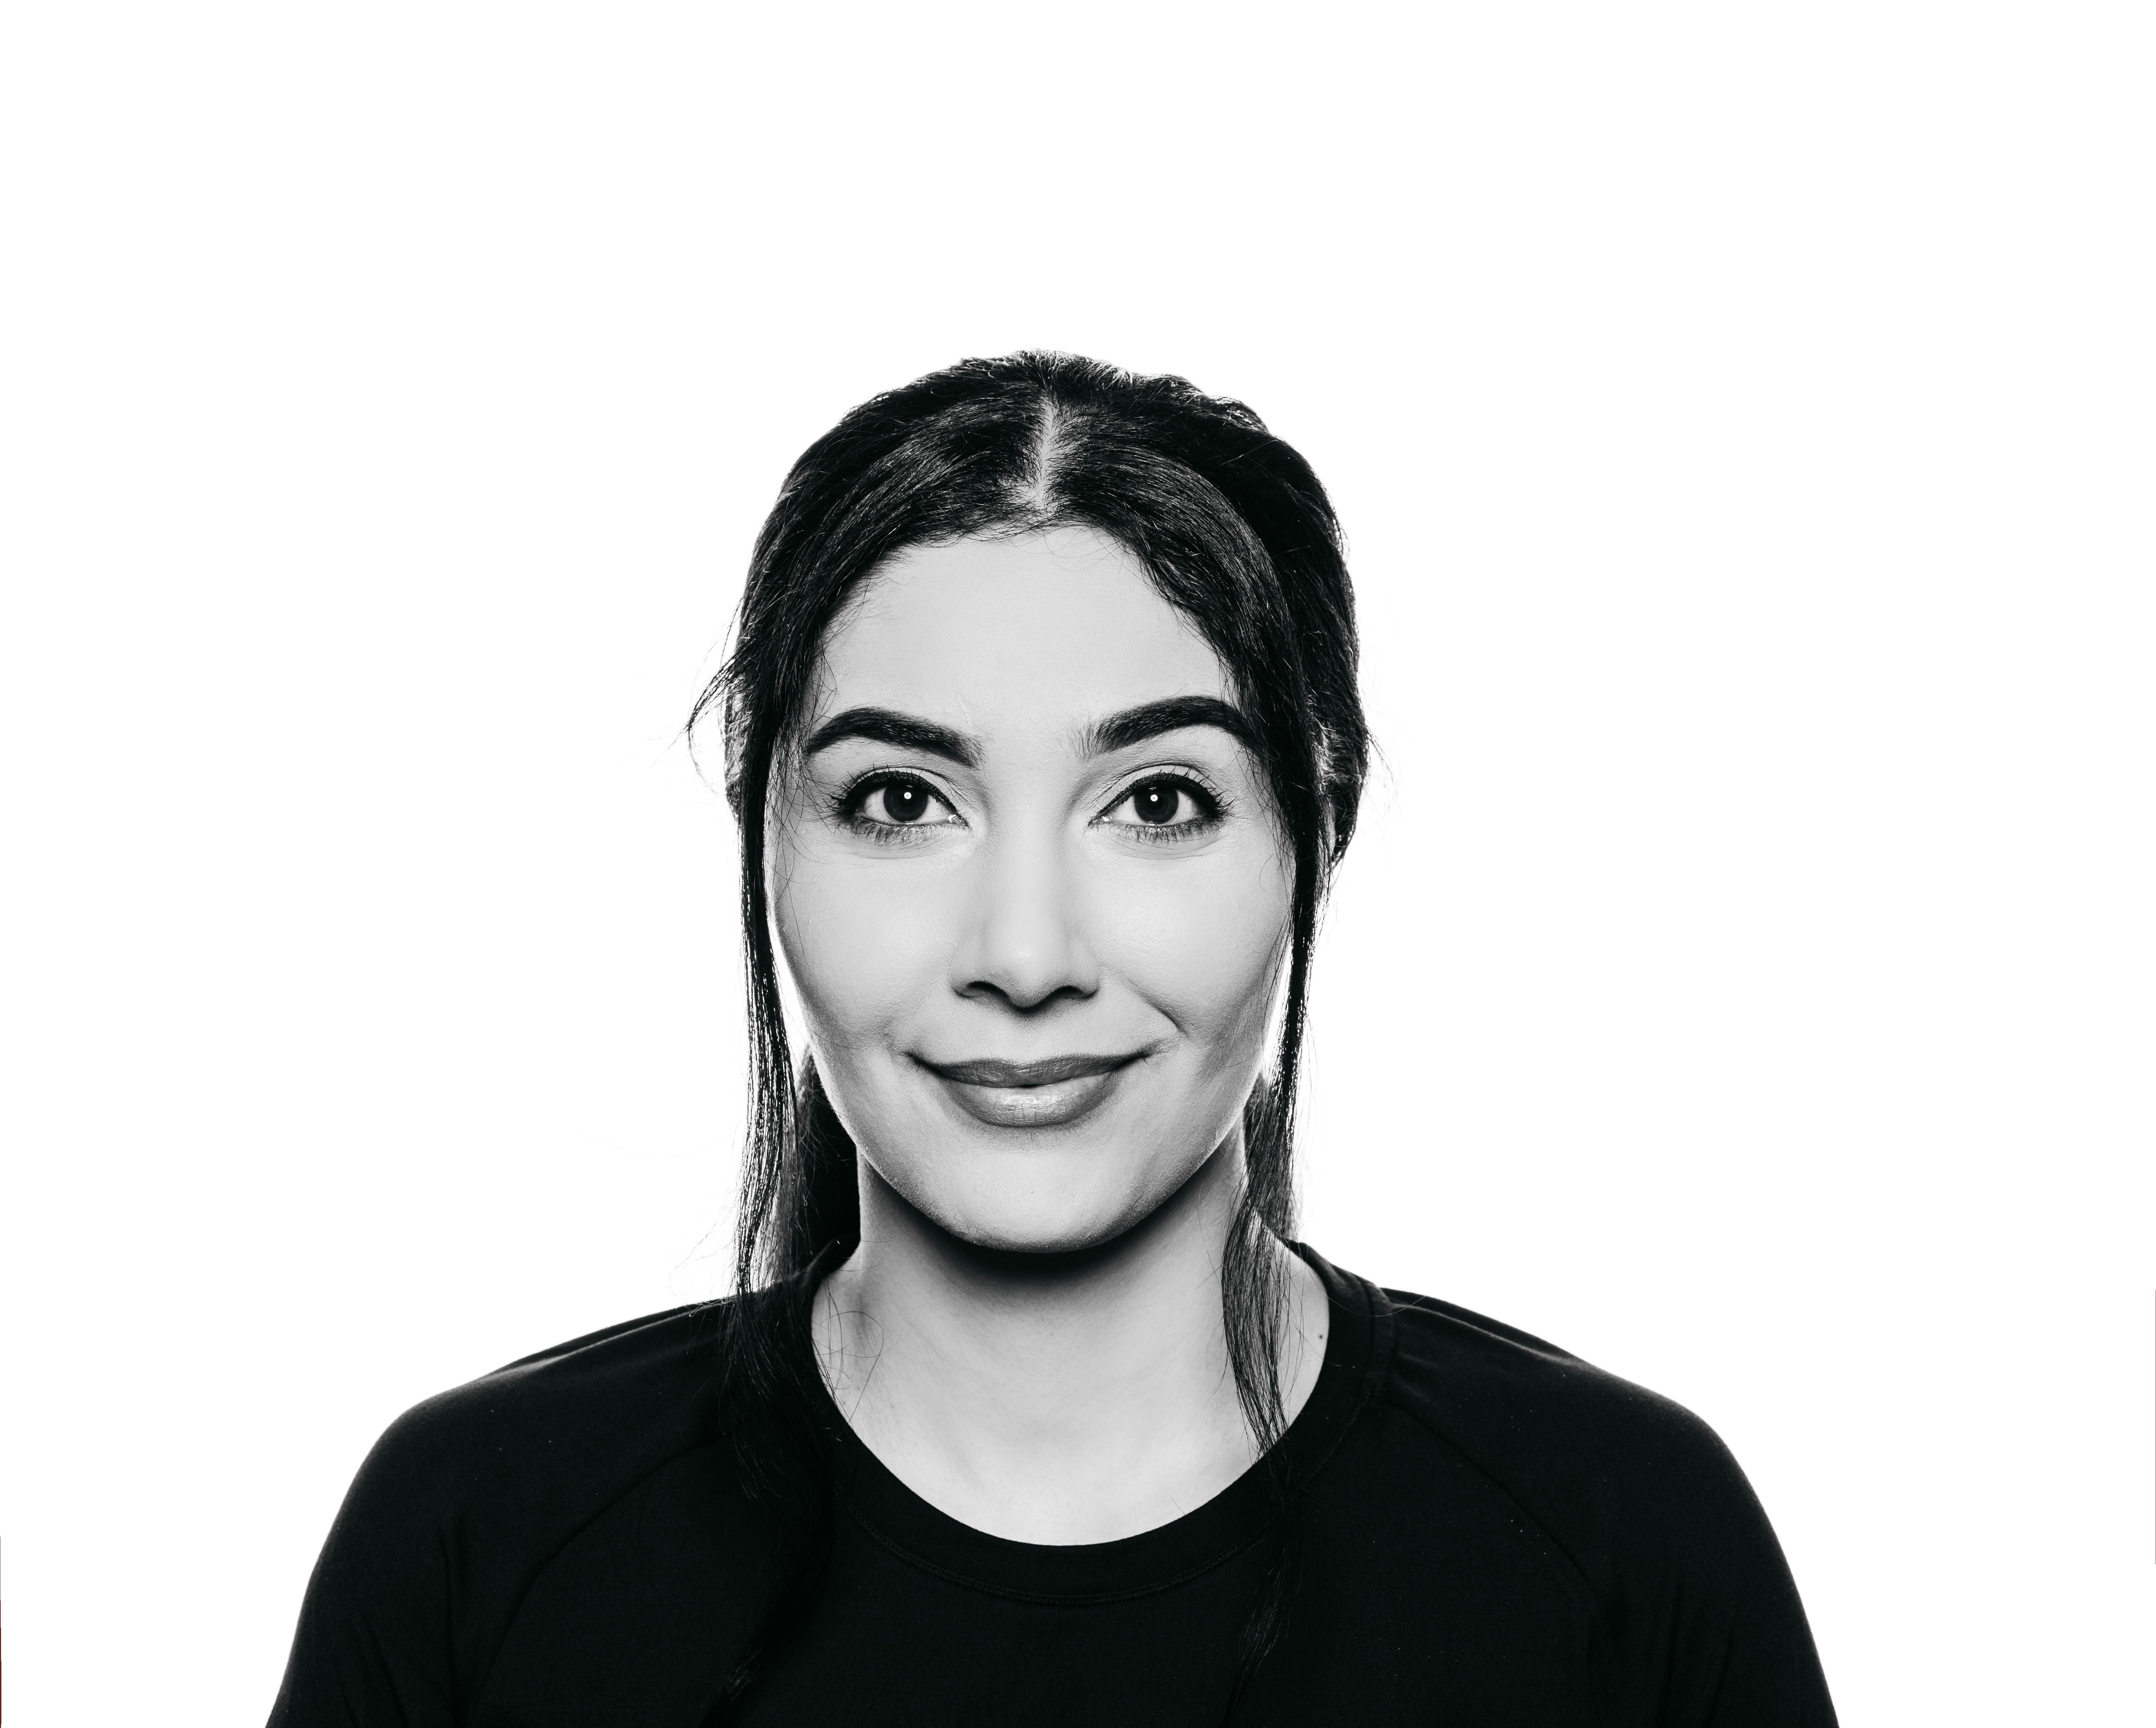 Camilia Roshanihonar